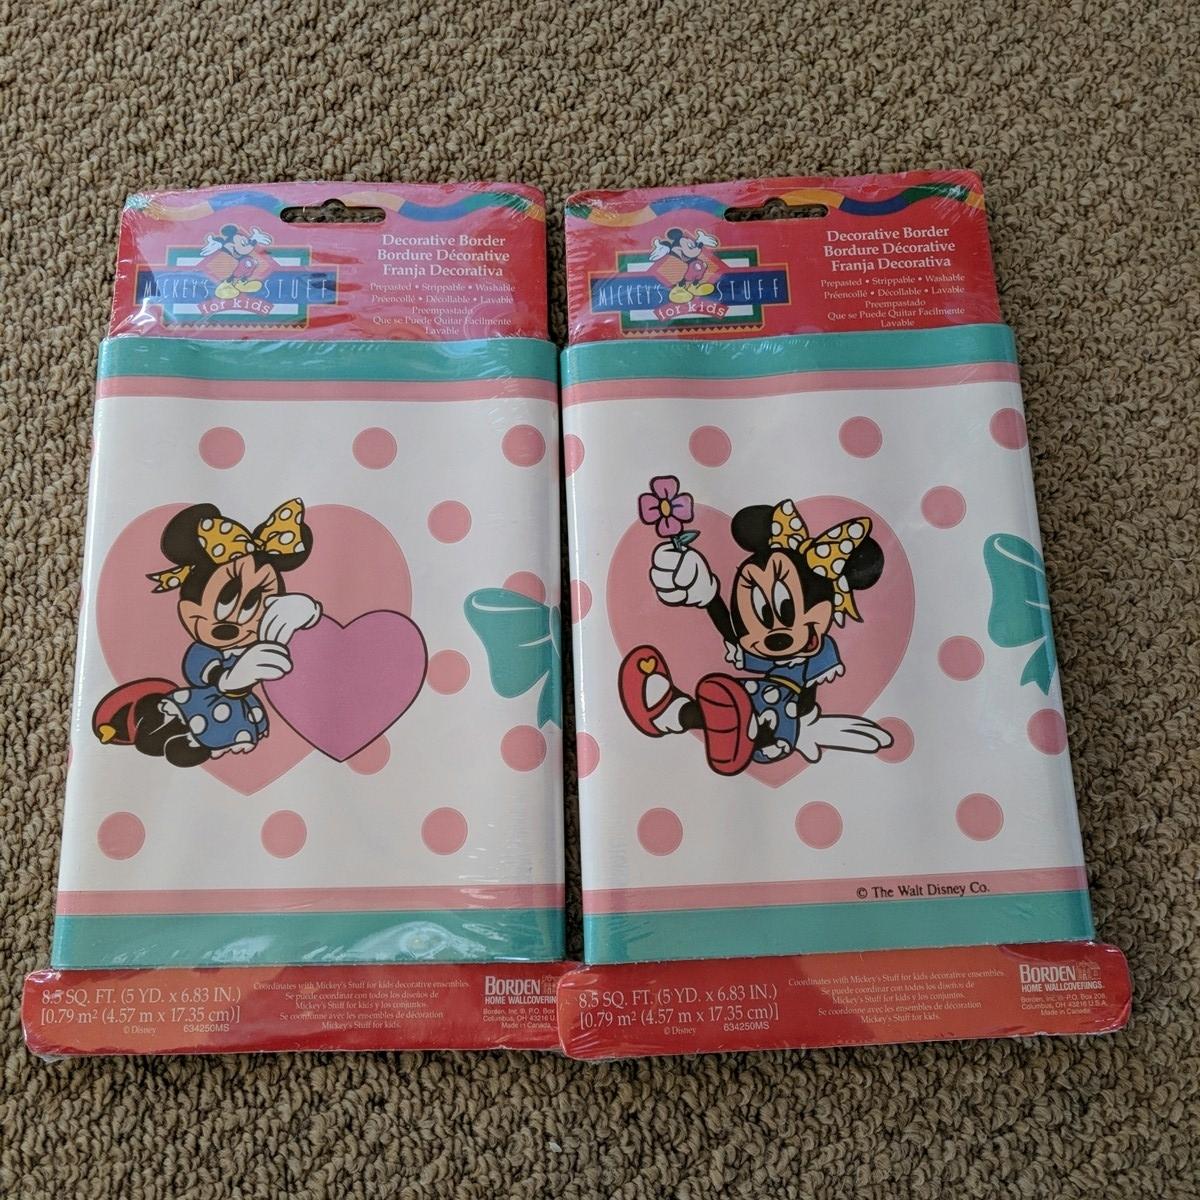 新品 アメリカ入手 未使用2set ディズニー ミニー ミニーマウス